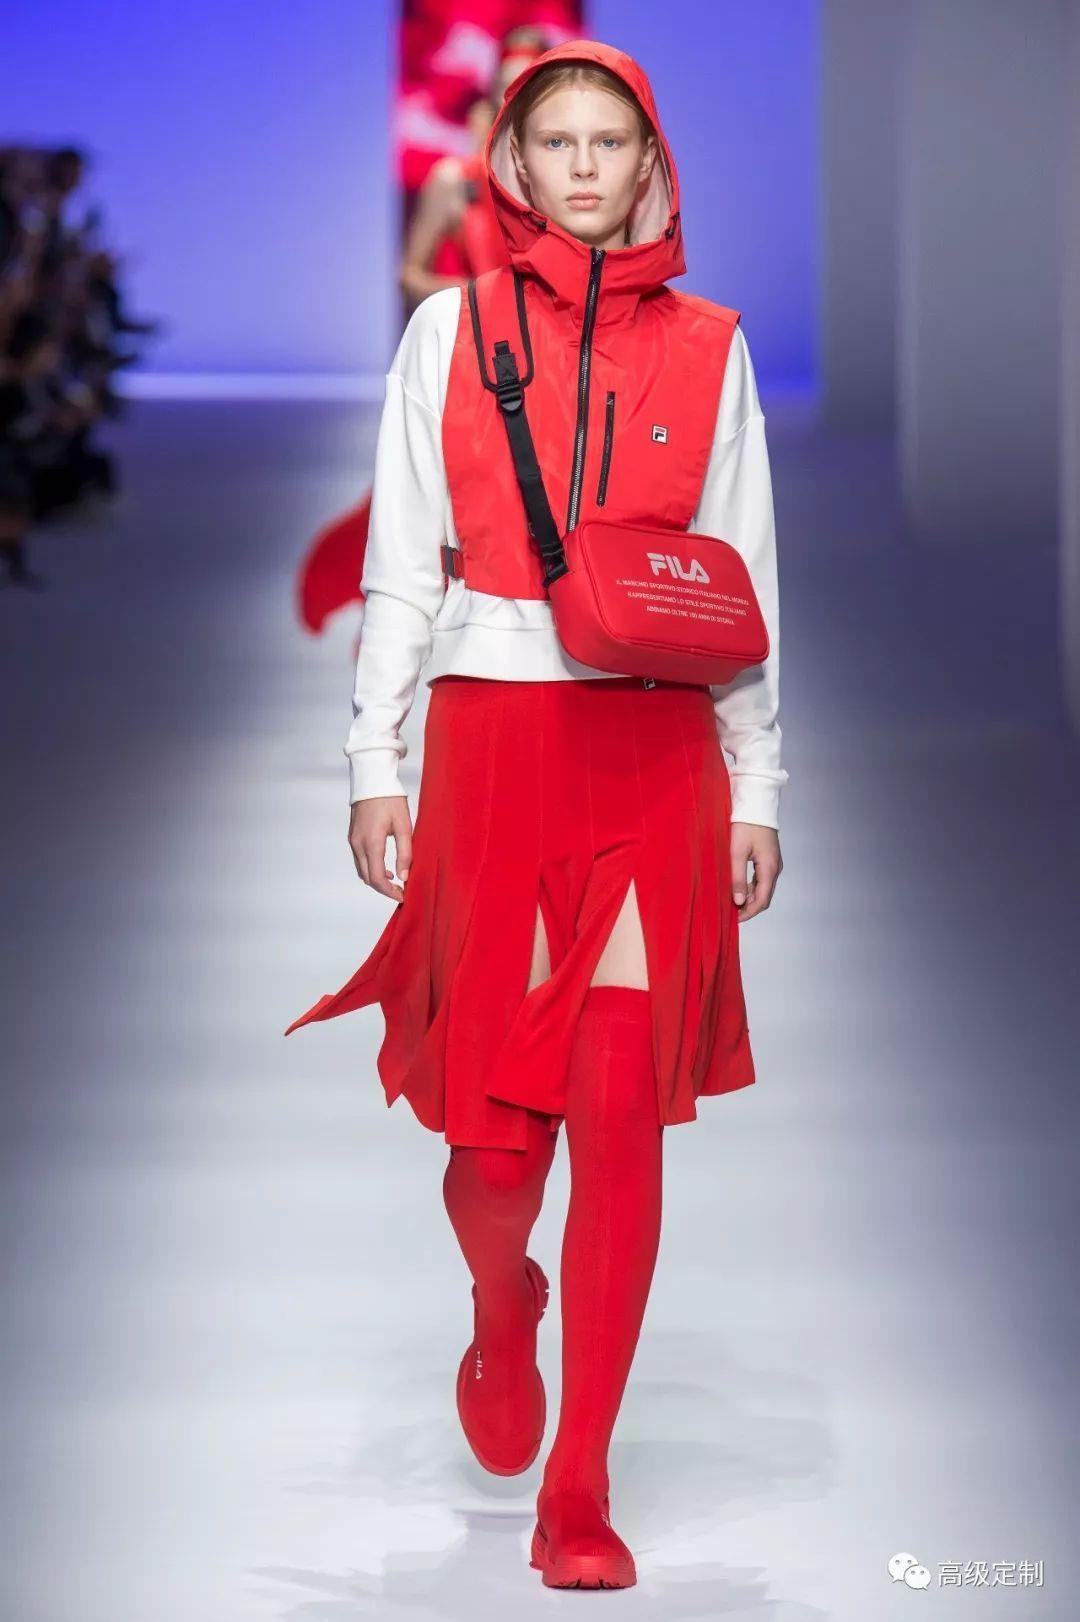 【秀場直擊】FILA2019年春夏ICONIC系列 (With images) Red leather